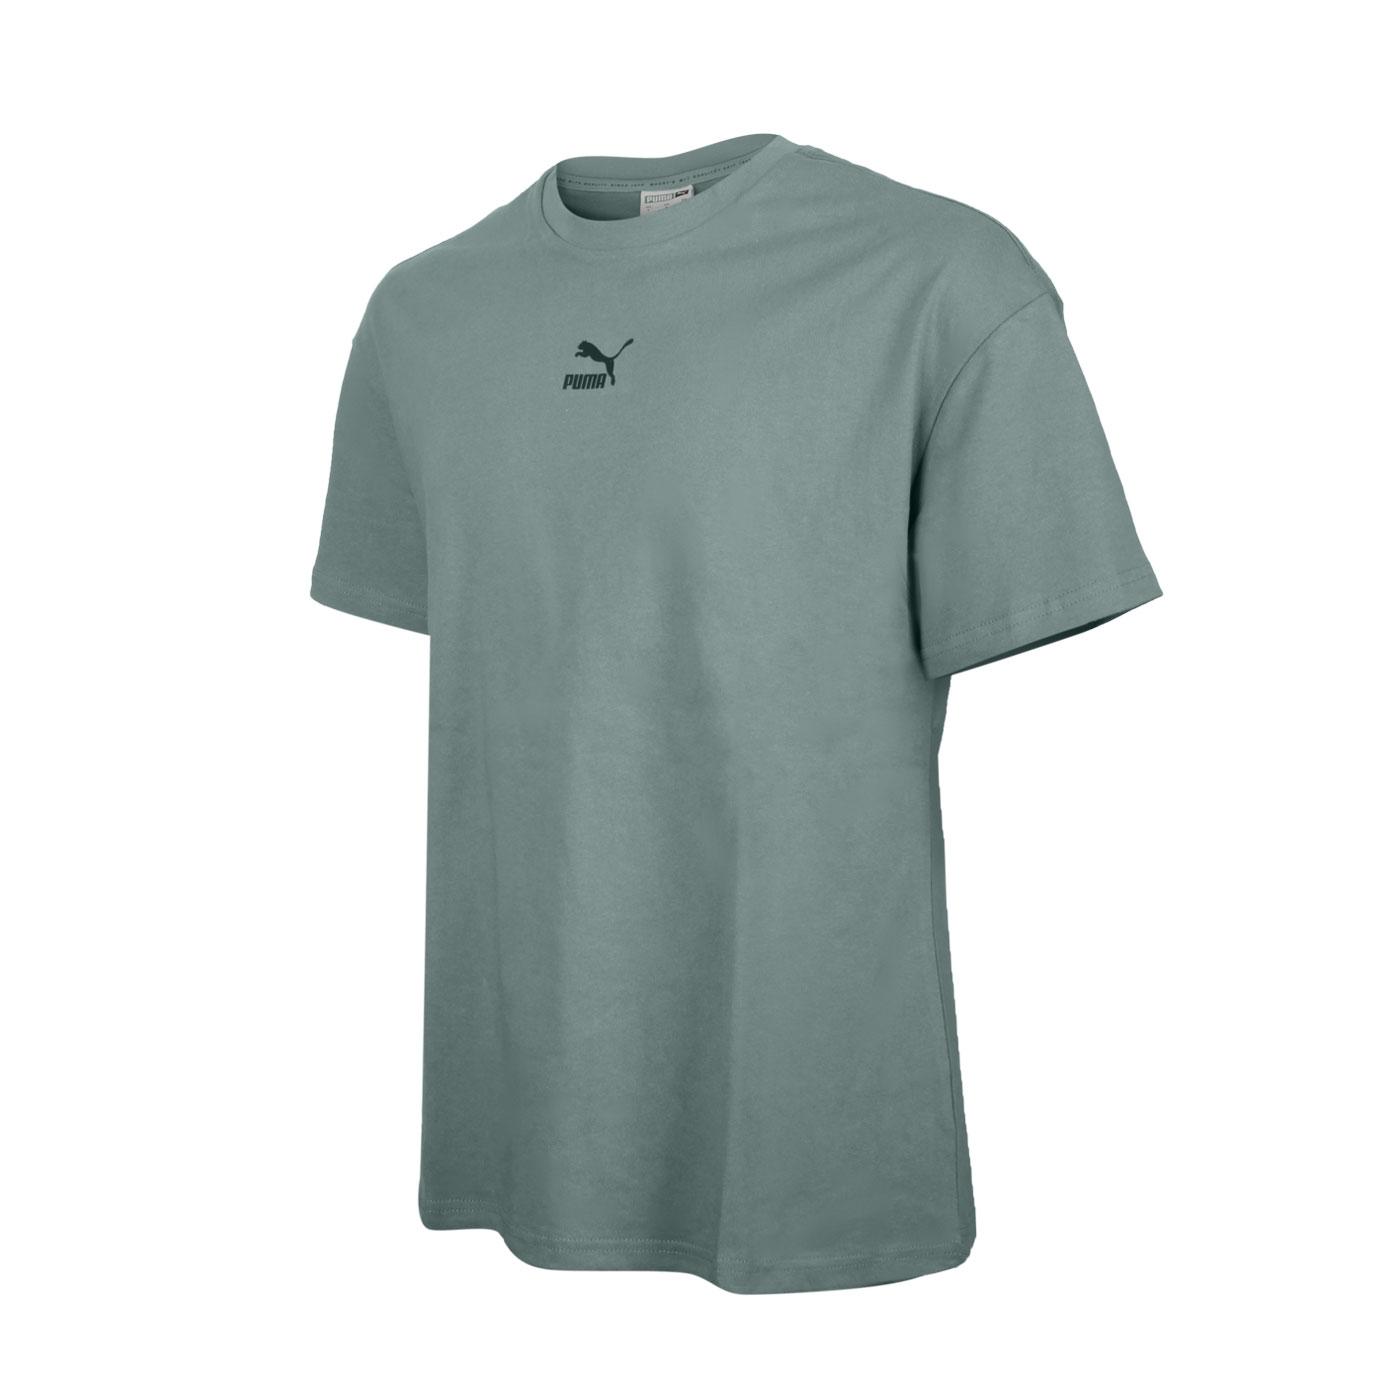 PUMA 男款流行系列Classics寬鬆短袖T恤 53213568